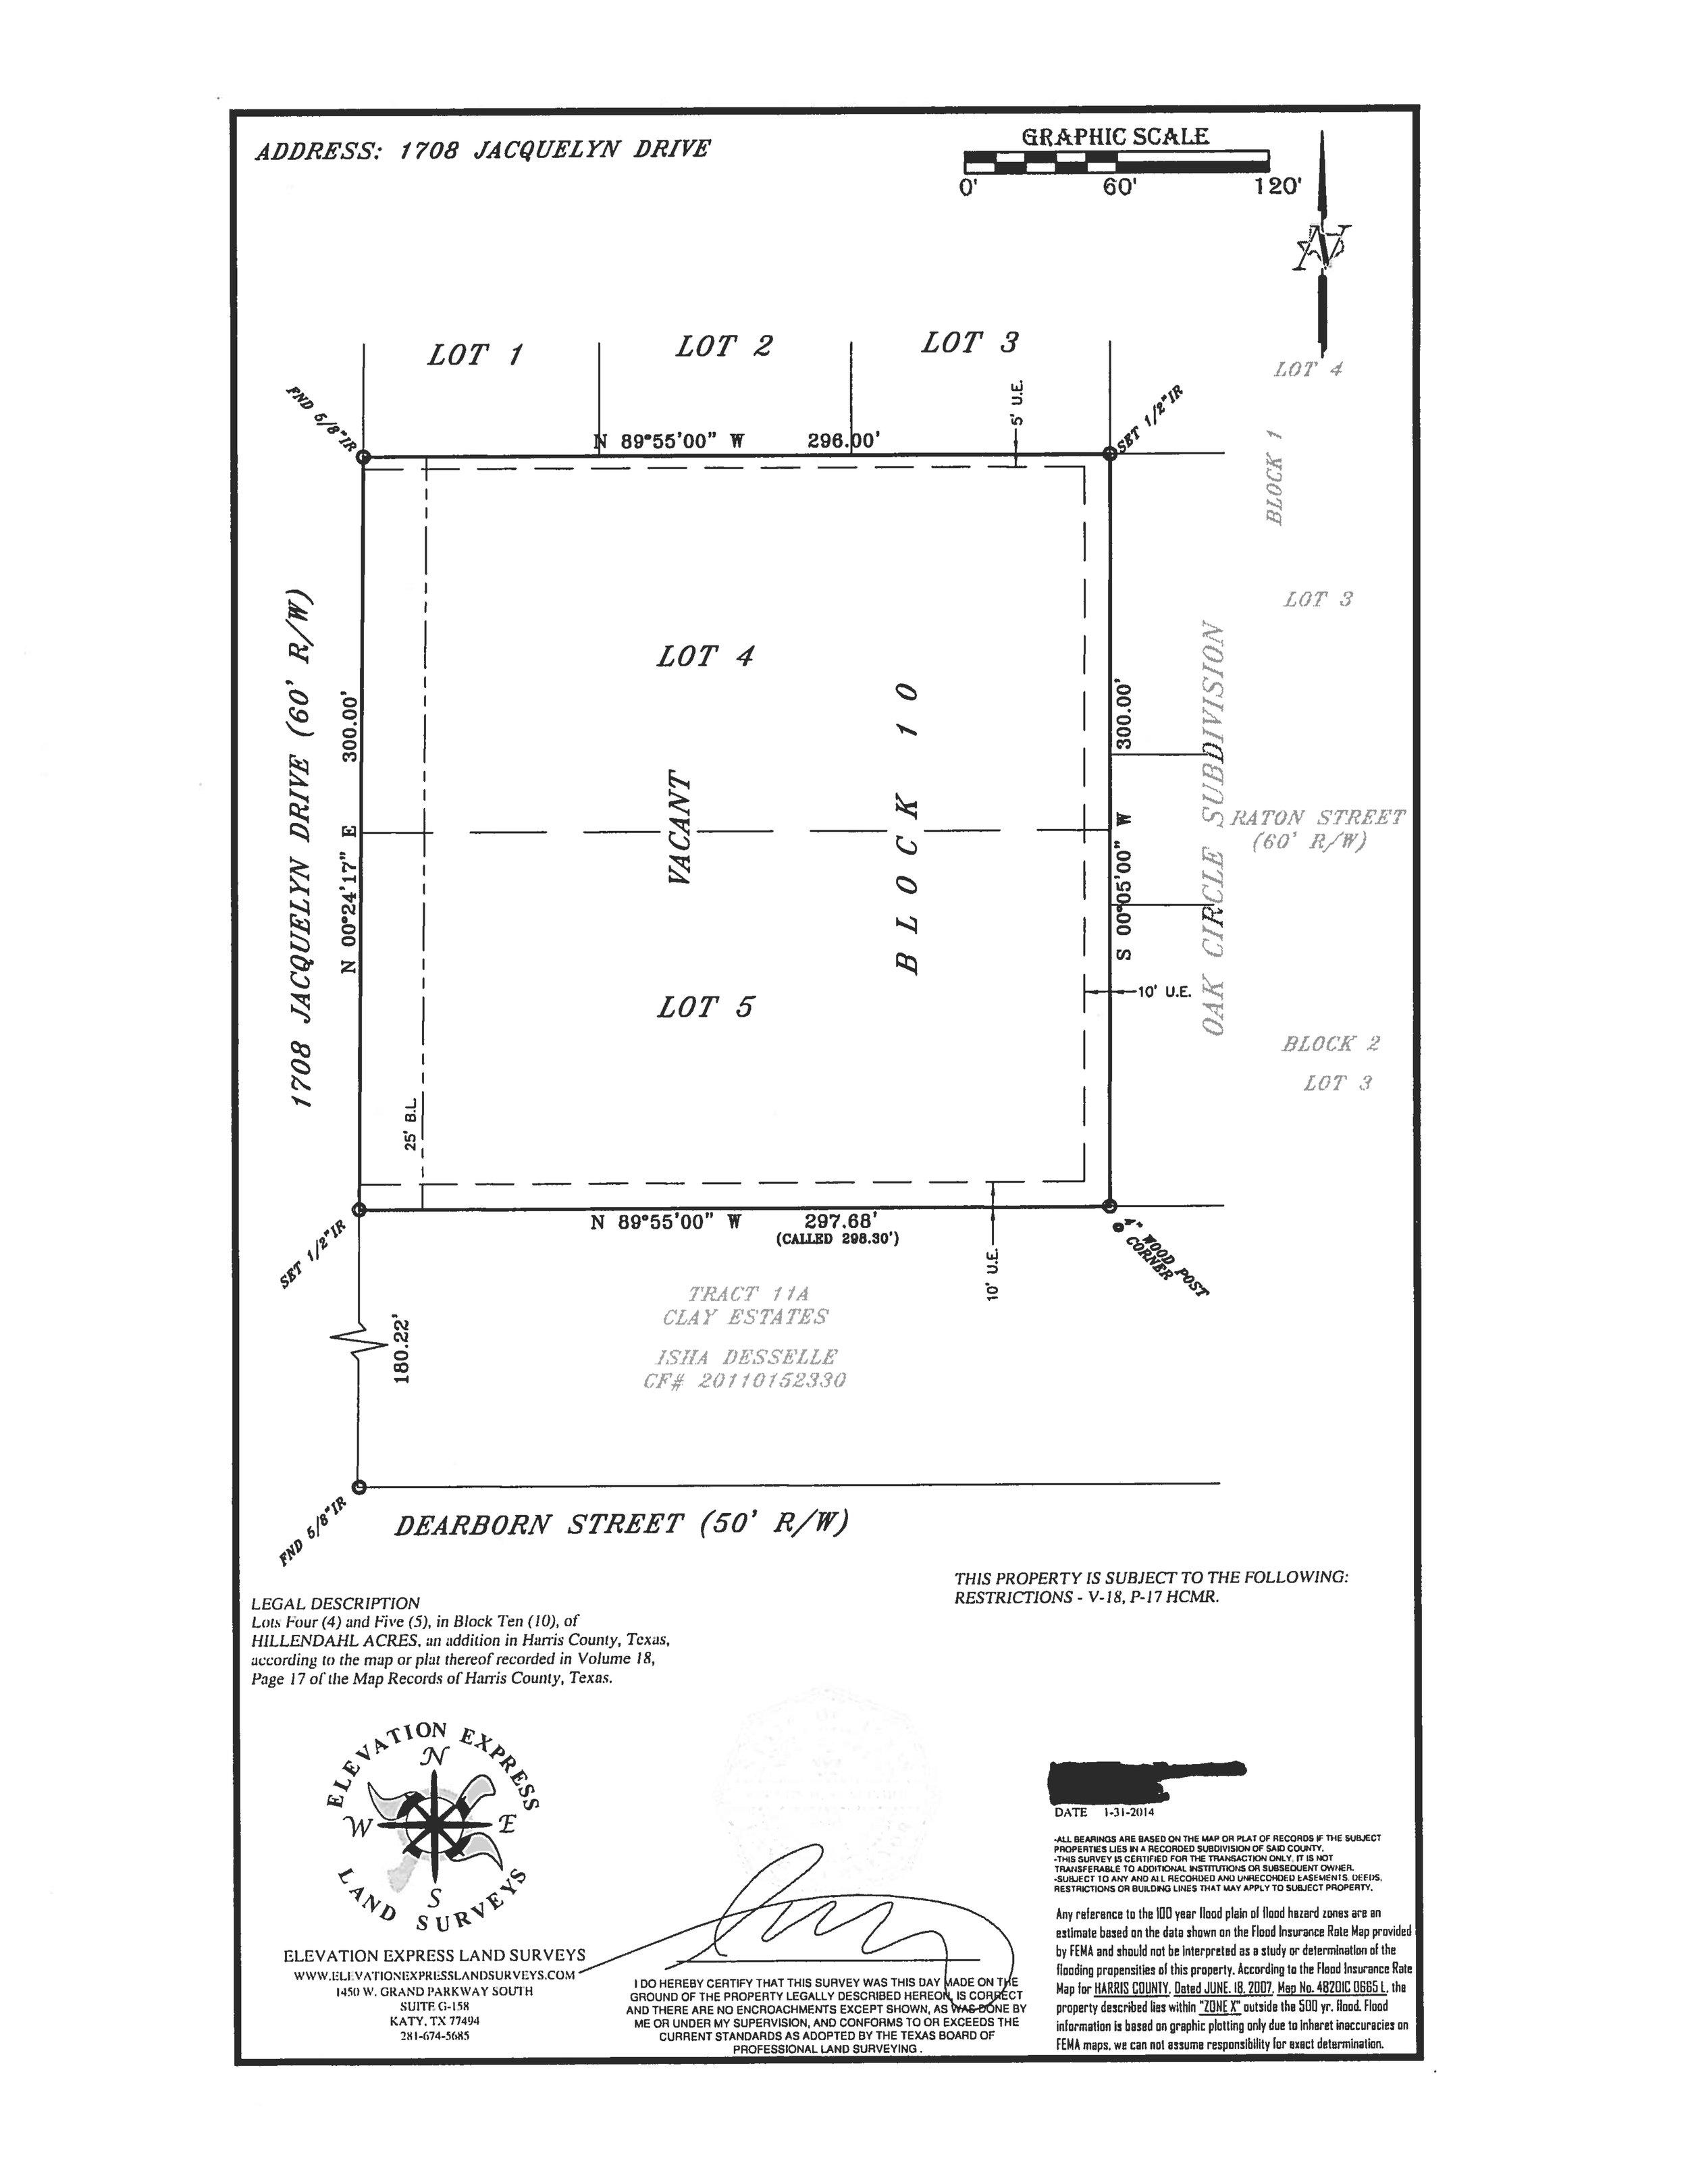 1708jacquelyn.survey.heart.jpg